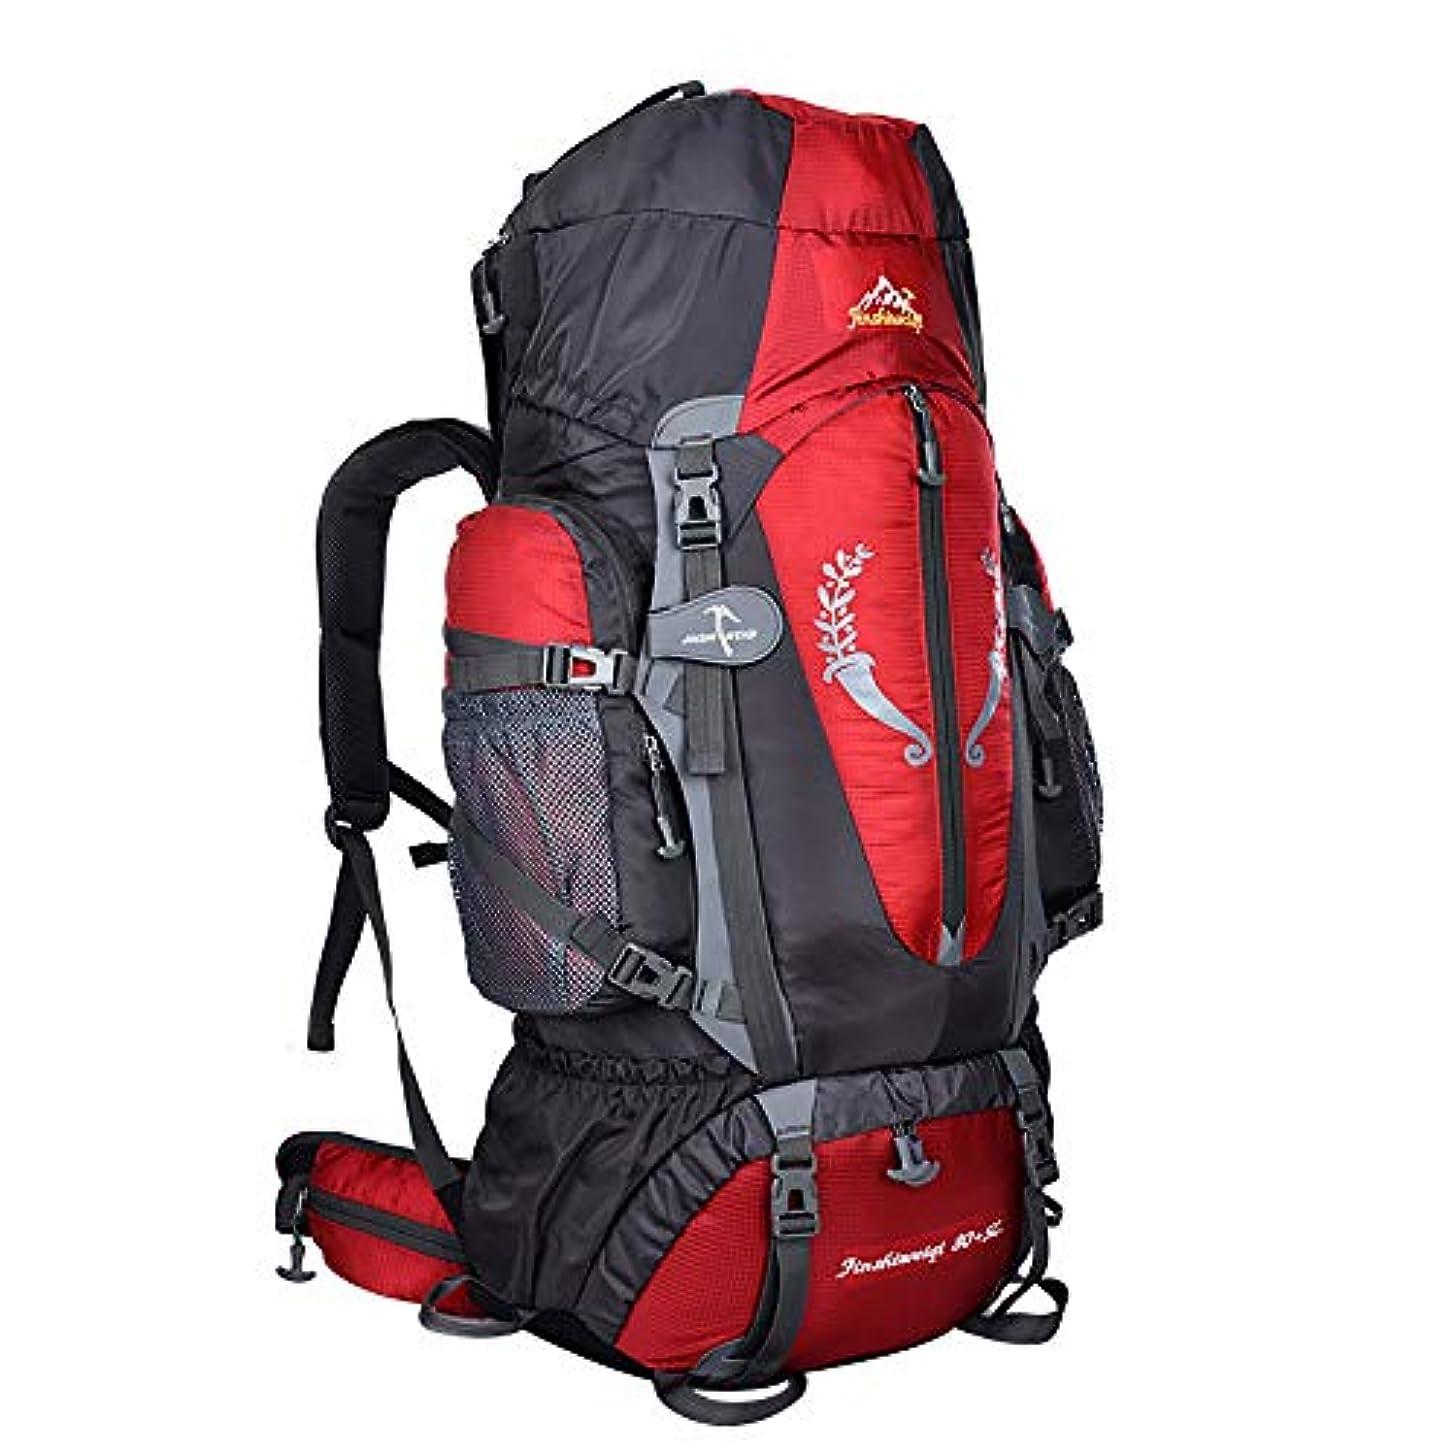 散らす直径毛皮85L 登山リュックマウンテンデイパック YOKINO 大型旅行バッグ 拡張可能 超大容量 広口開口仕様 防水耐震 タクティカル アルパインパック リュックサック キャンプ トレッキング 旅行 アウトドア